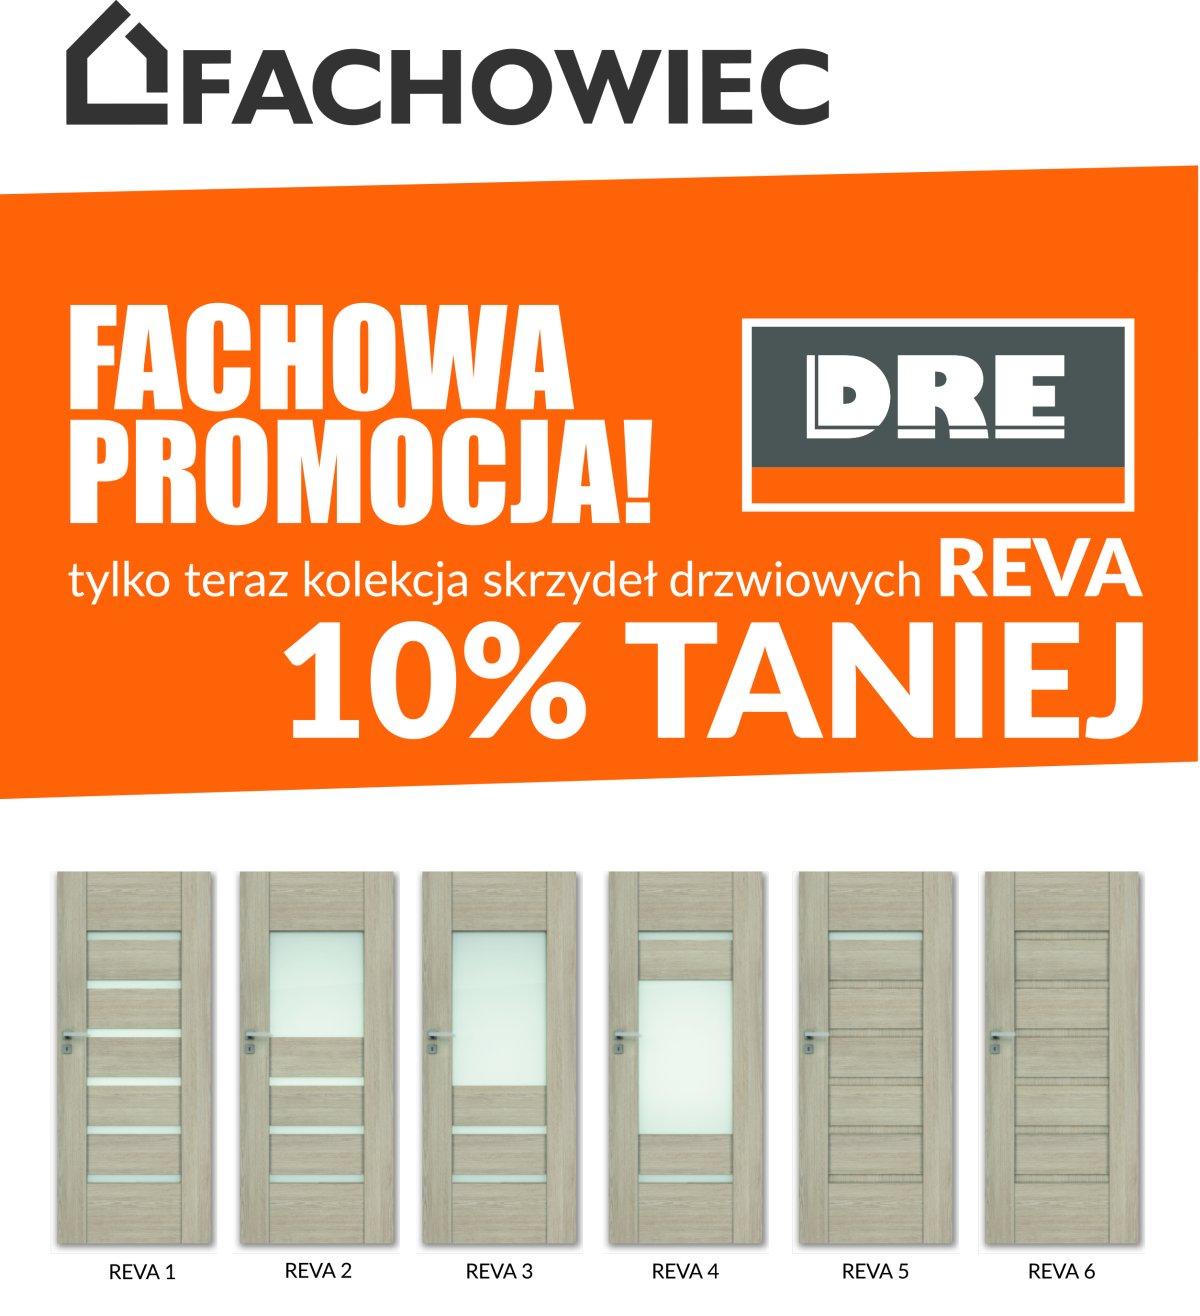 <p>Promocja dot. skrzydeł w wykonaniu standardowym: przylgowych, bezprzylgowych i przesuwnych, w normie polskiej i czeskiej.</p>